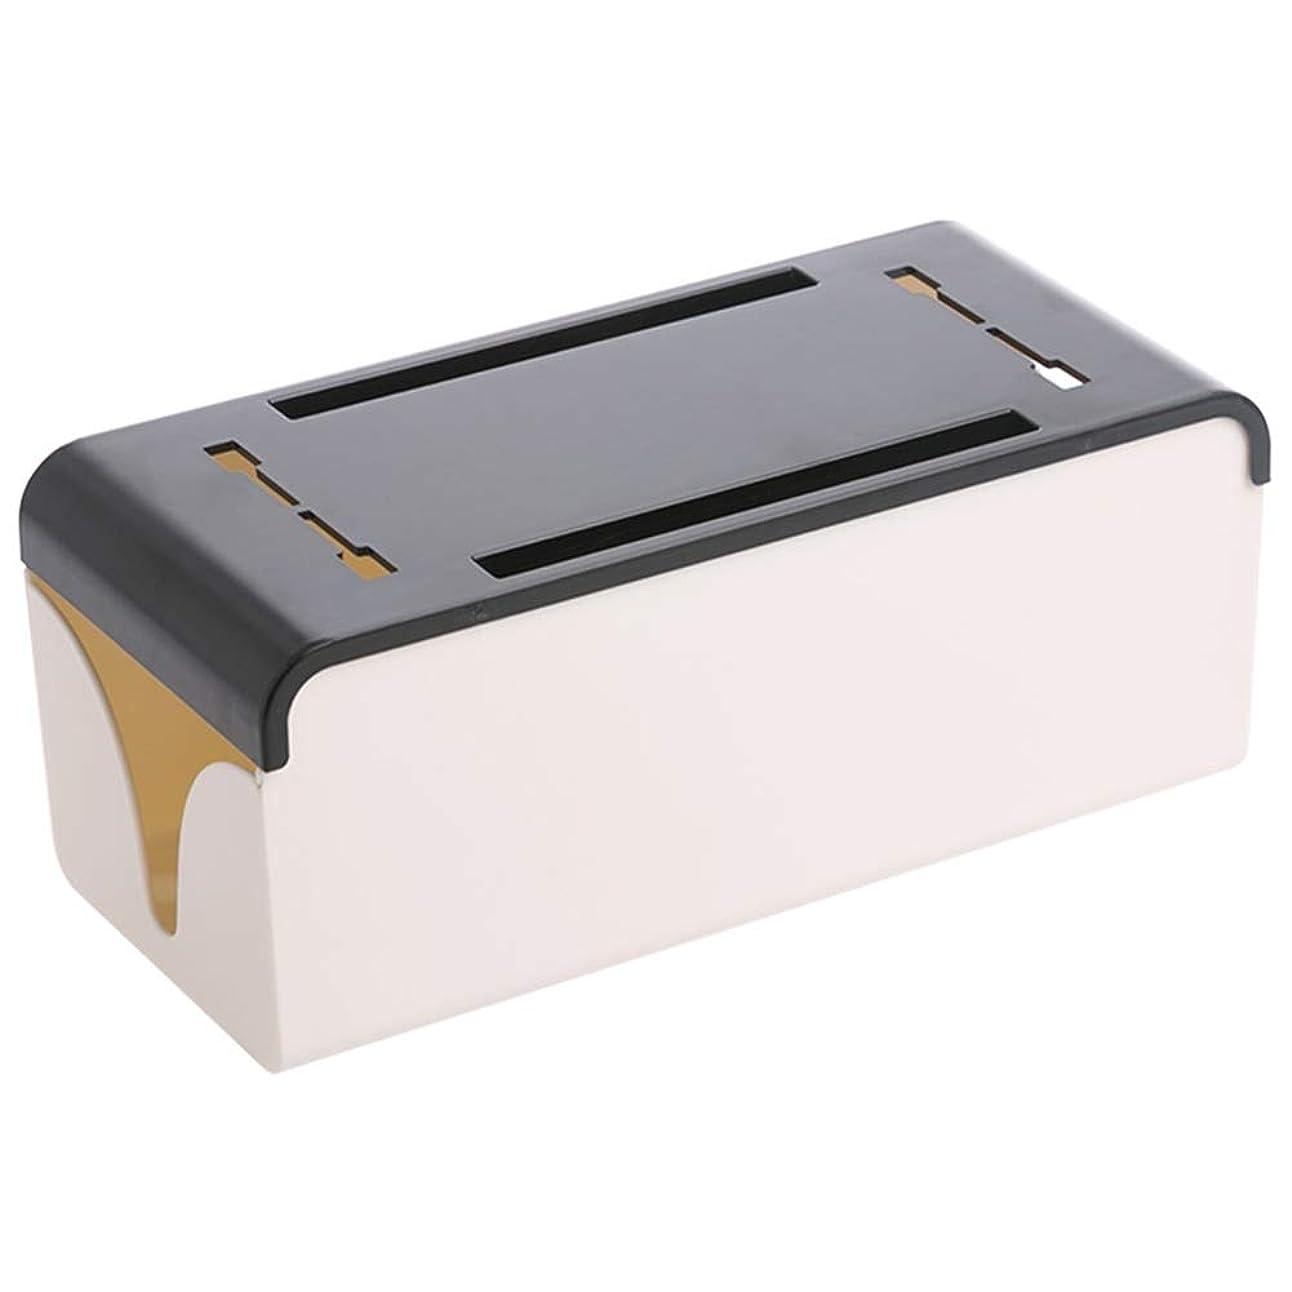 スーツ気味の悪いホイッスルストレージボックス、ソケットハブ、ホーム用のワイヤジャンクションボックスABS、デスクトップ29.8x11.8x12.1cm仕上げデスクトップ (Color : Black)